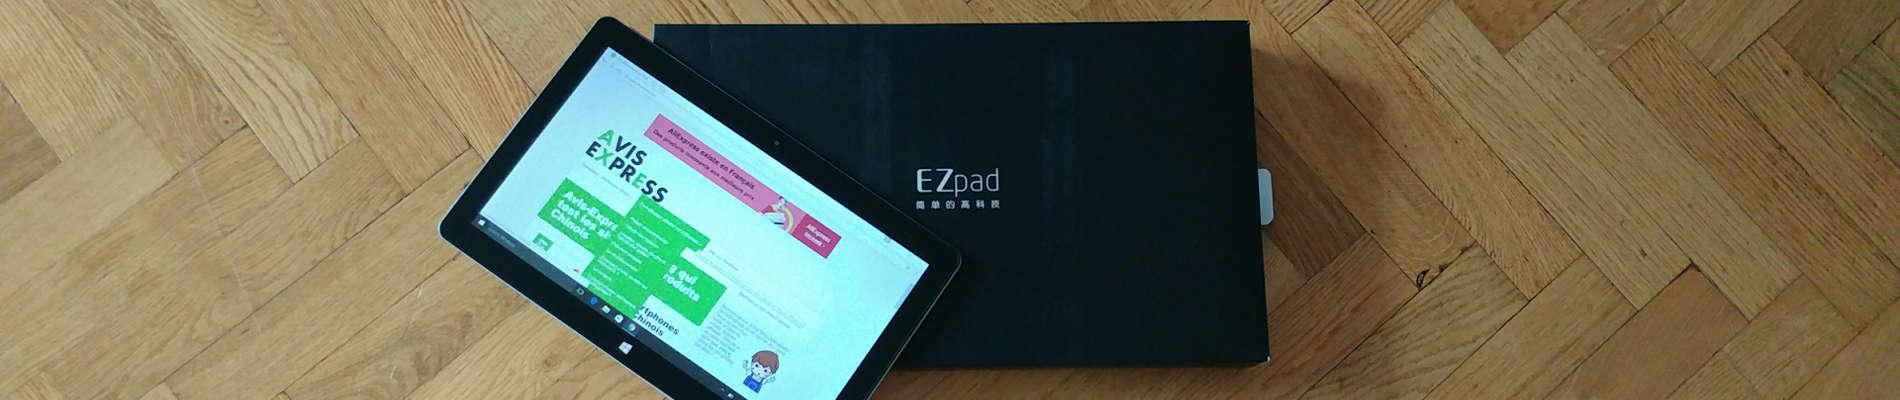 Jumper EZpad 6 - Photo de couverture